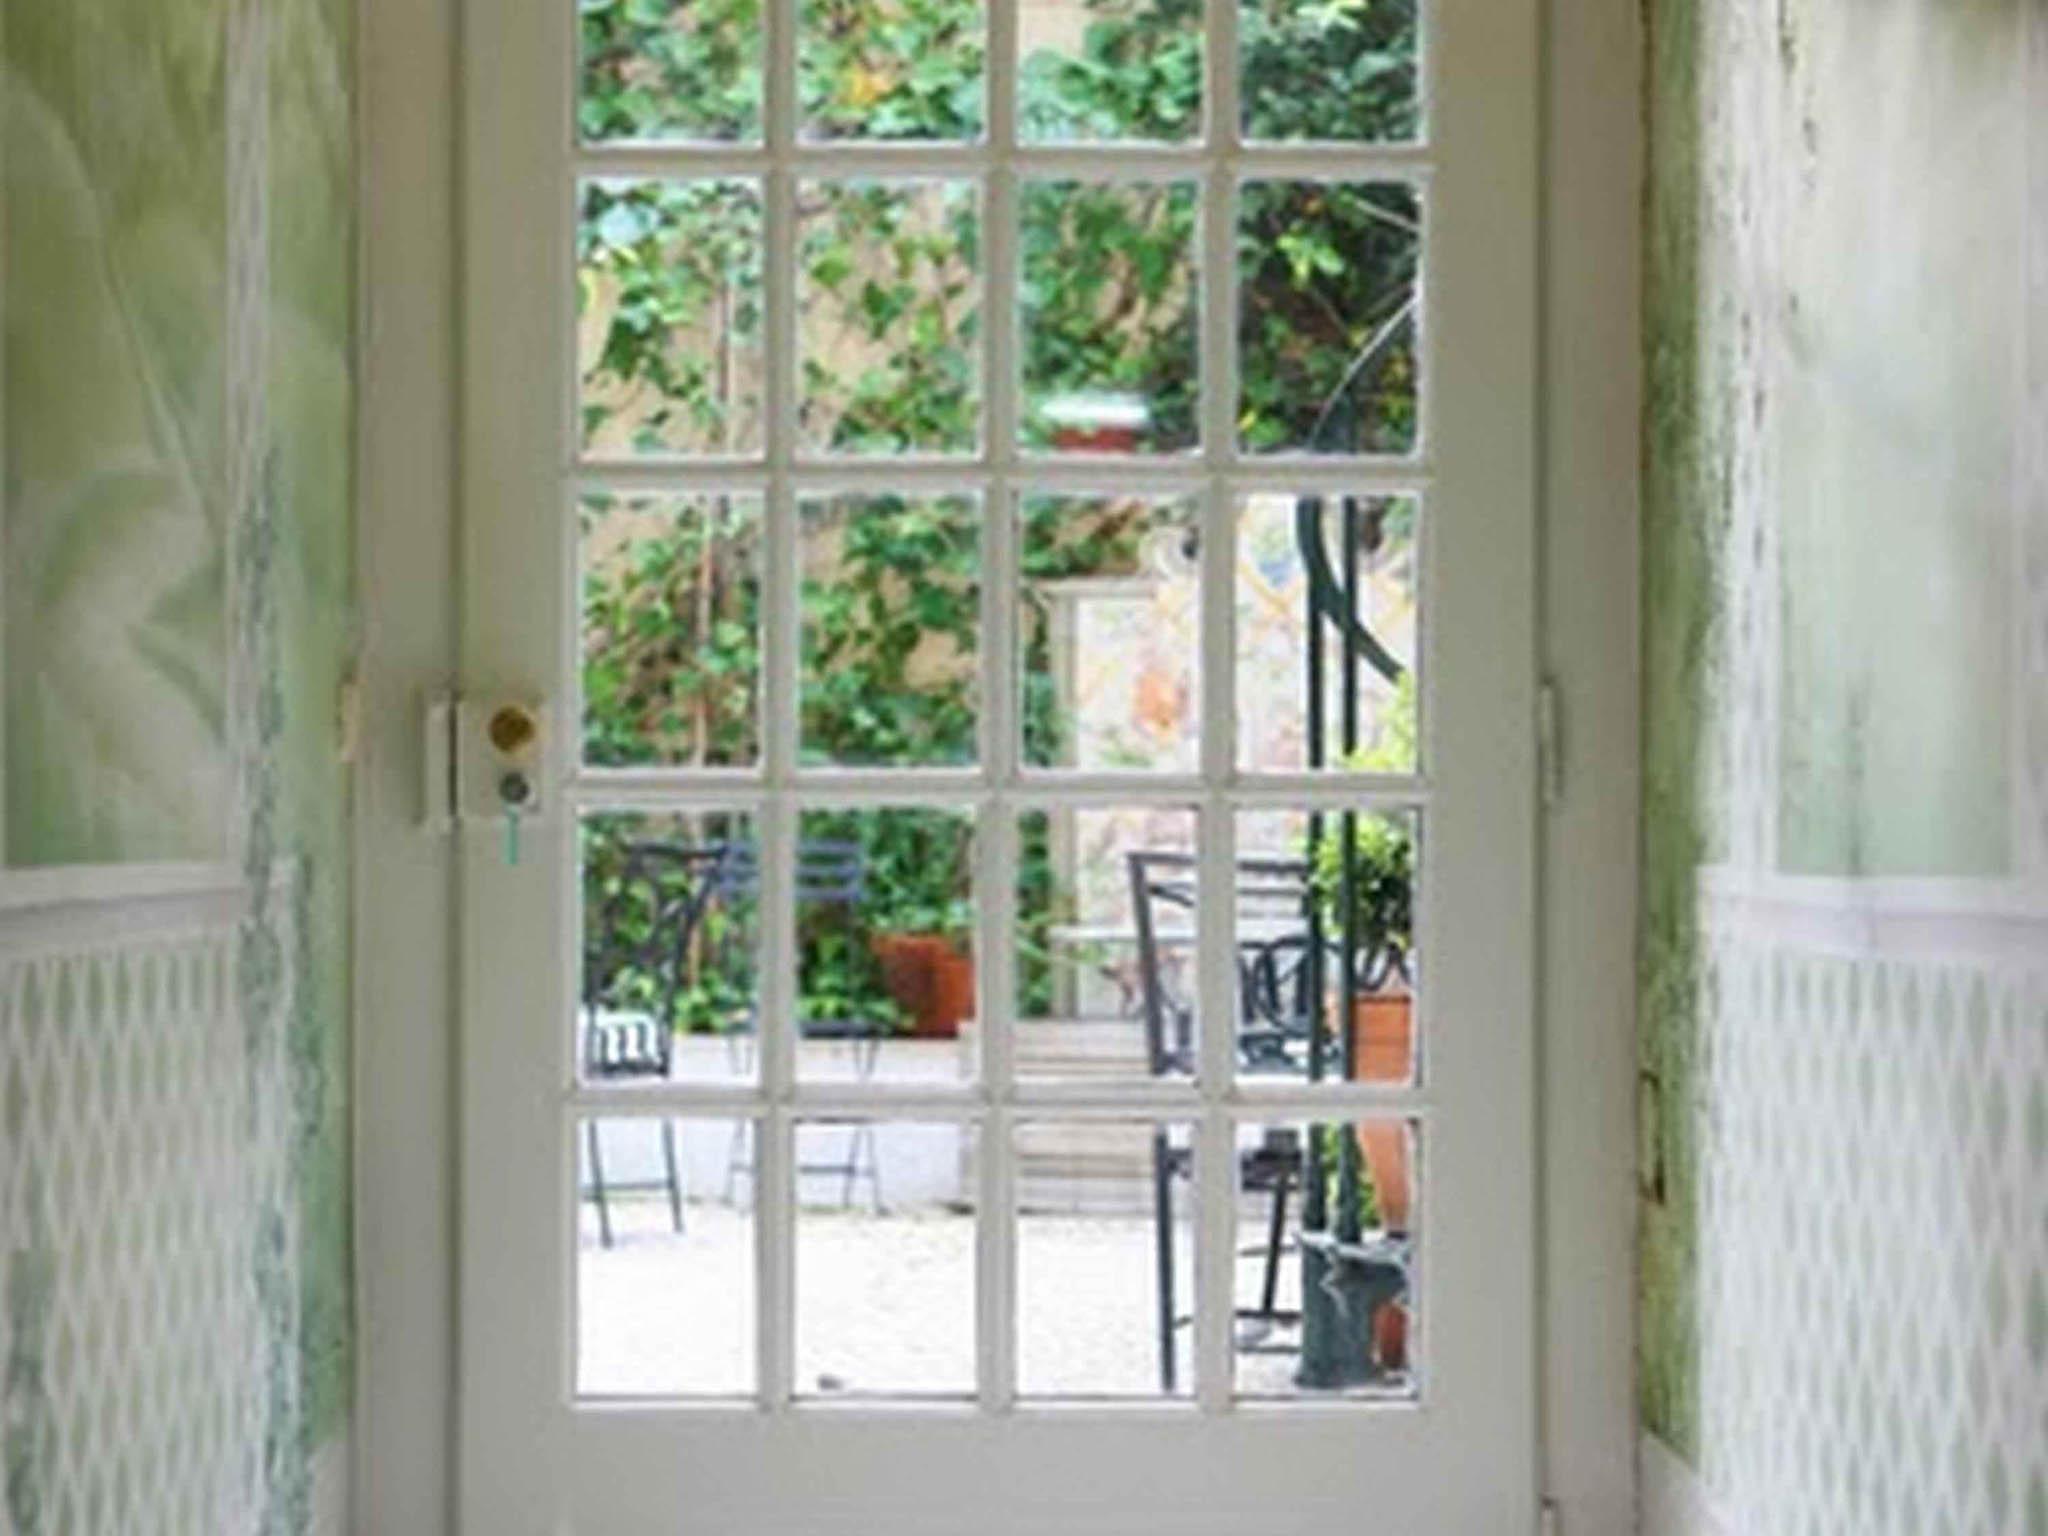 #456740 Hotel em LISBON As Janelas Verdes Boutique Hotel 702 Janelas Verdes Lisbon